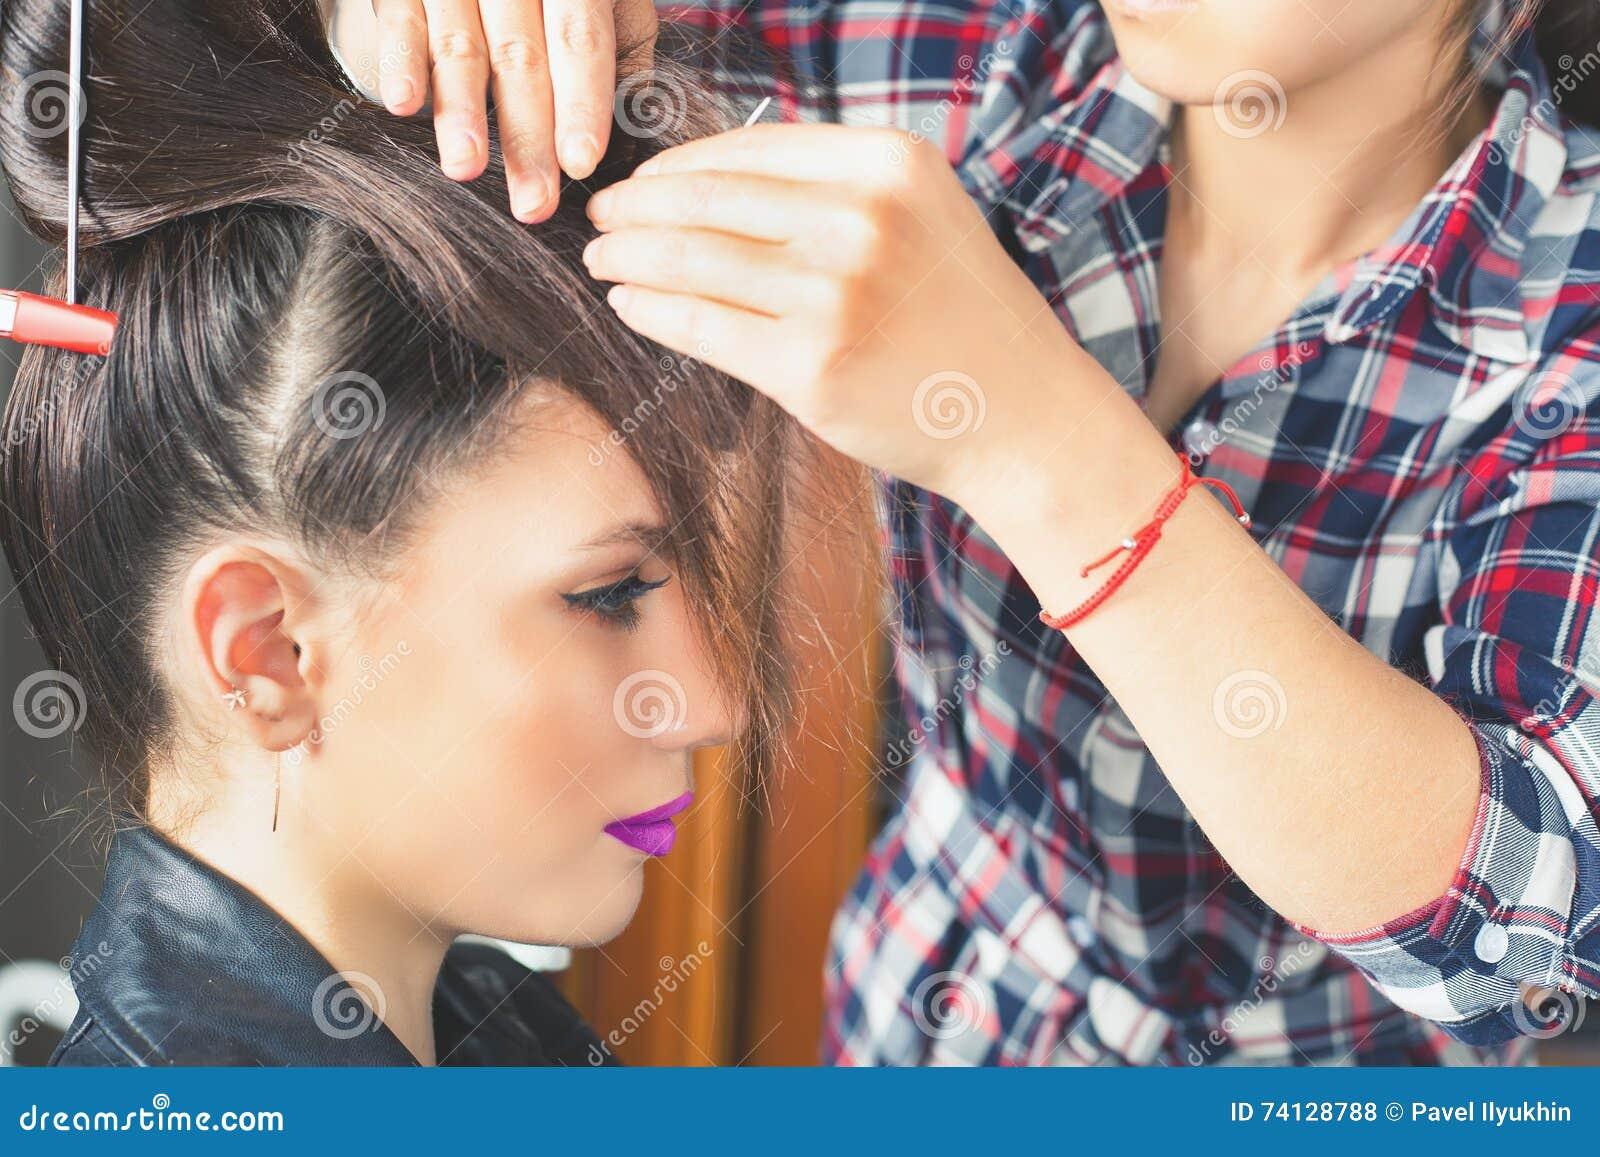 абстрактная иллюстрация стиля причёсок способа знамени женщина с ручкой ножницы салона штырей волос